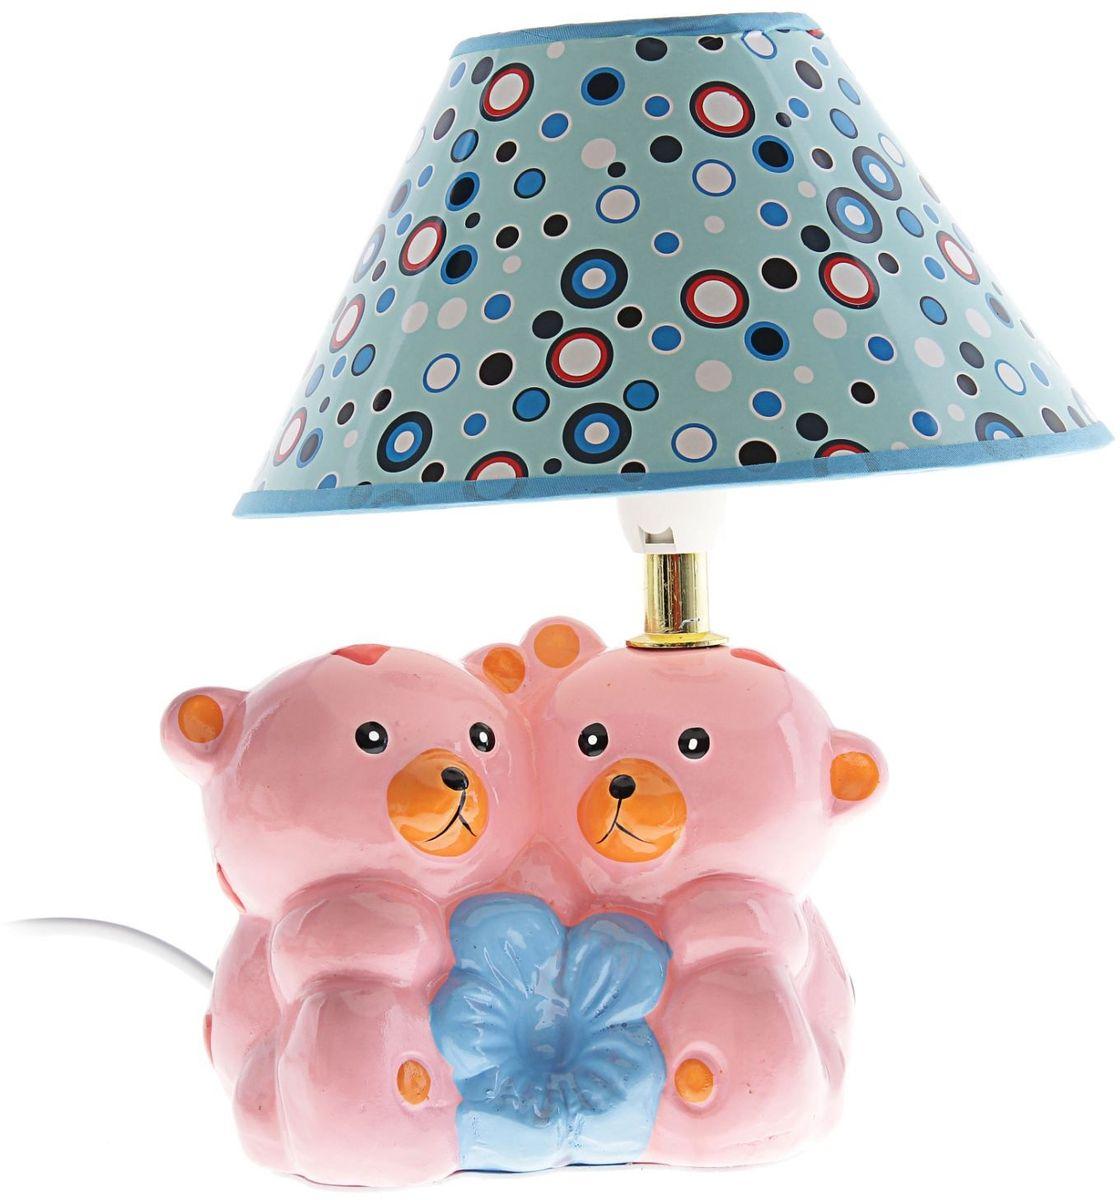 Лампа настольная Розовые мишки147824Детям веселей, когда их окружают яркие вещицы. Поэтому стоит продумать даже то, как будет выглядеть дополнительный источник света в комнате вашего малыша. Чаще всего подобные светильники ставят на прикроватную тумбочку или письменный стол, чтобы в комнате не оставалось неосвещённого пространства.Чтобы не оставлять своего маленького шалуна в полной темноте, просто «зажгите» светильник детский белый, с ним будет спокойней и вам и ребёнку.*Размещайте провода и другие, не предназначенные для детских ручек детали, таким образом, чтобы ваш шалун до них не дотянулся.